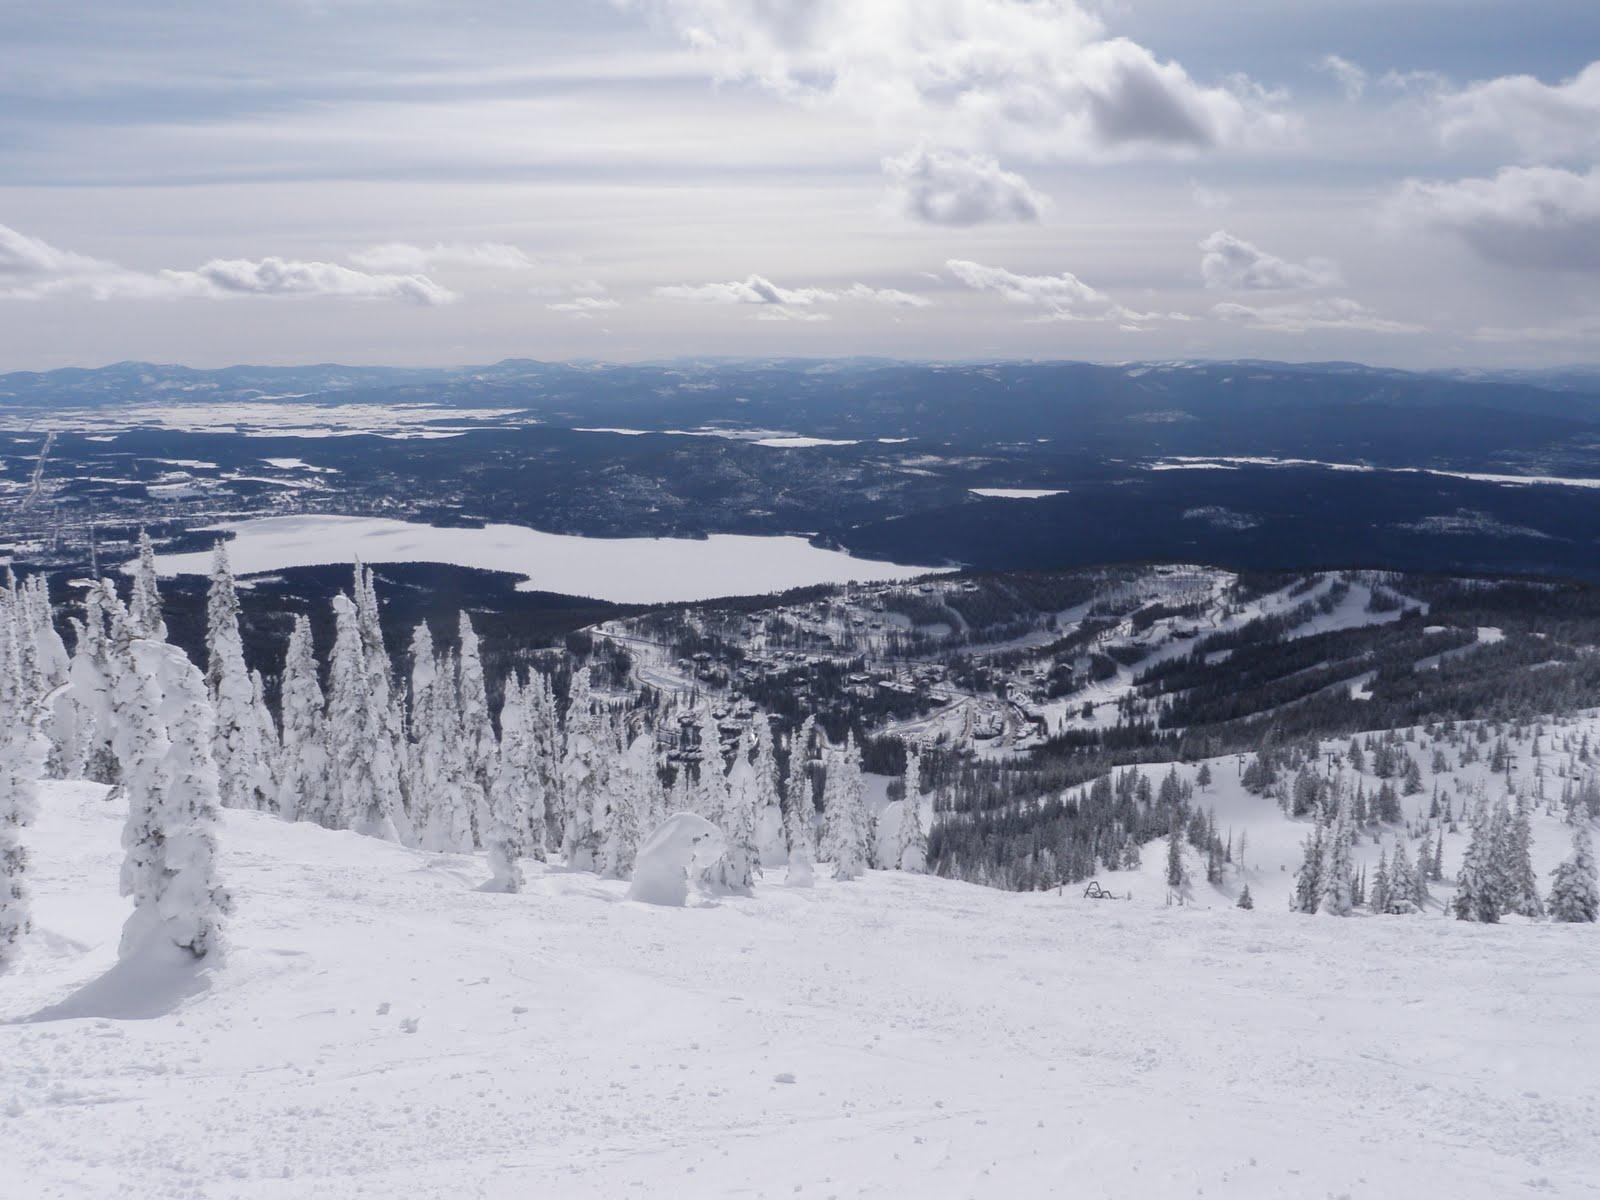 Pacific northwest seasons skiing whitefish big mountain for White fish montana